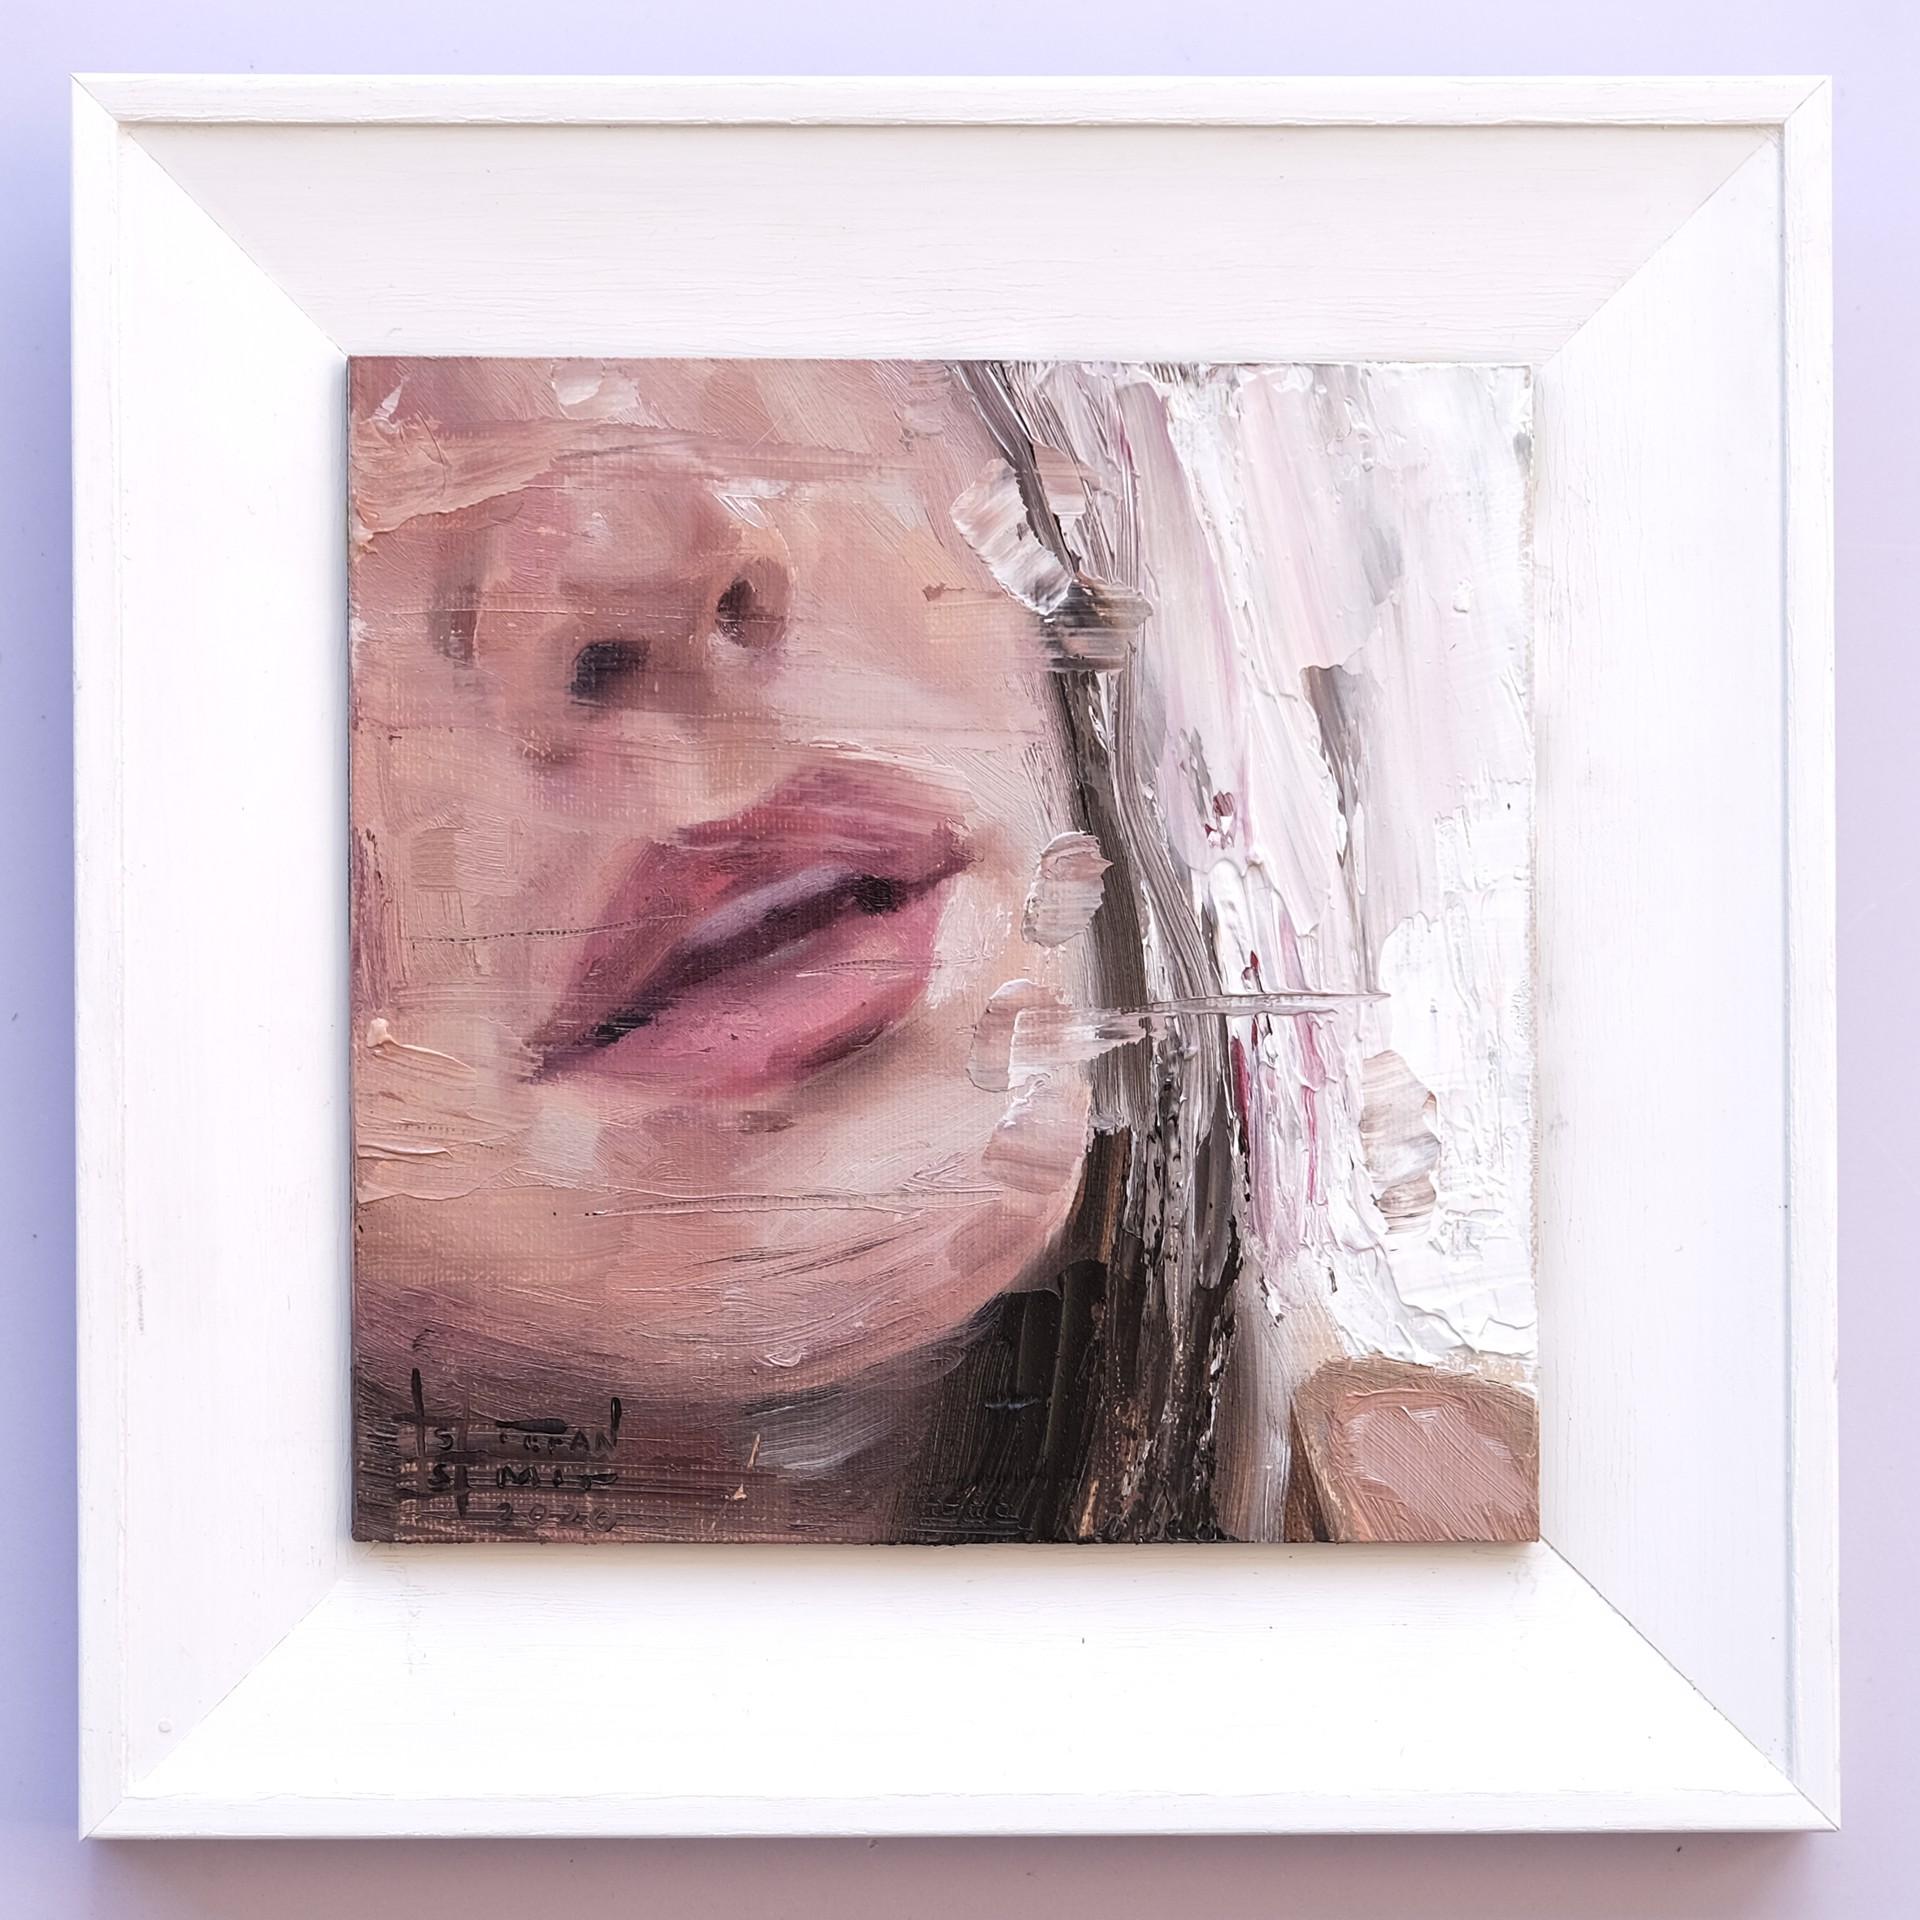 As I Live & Breath I by Stefan Smit